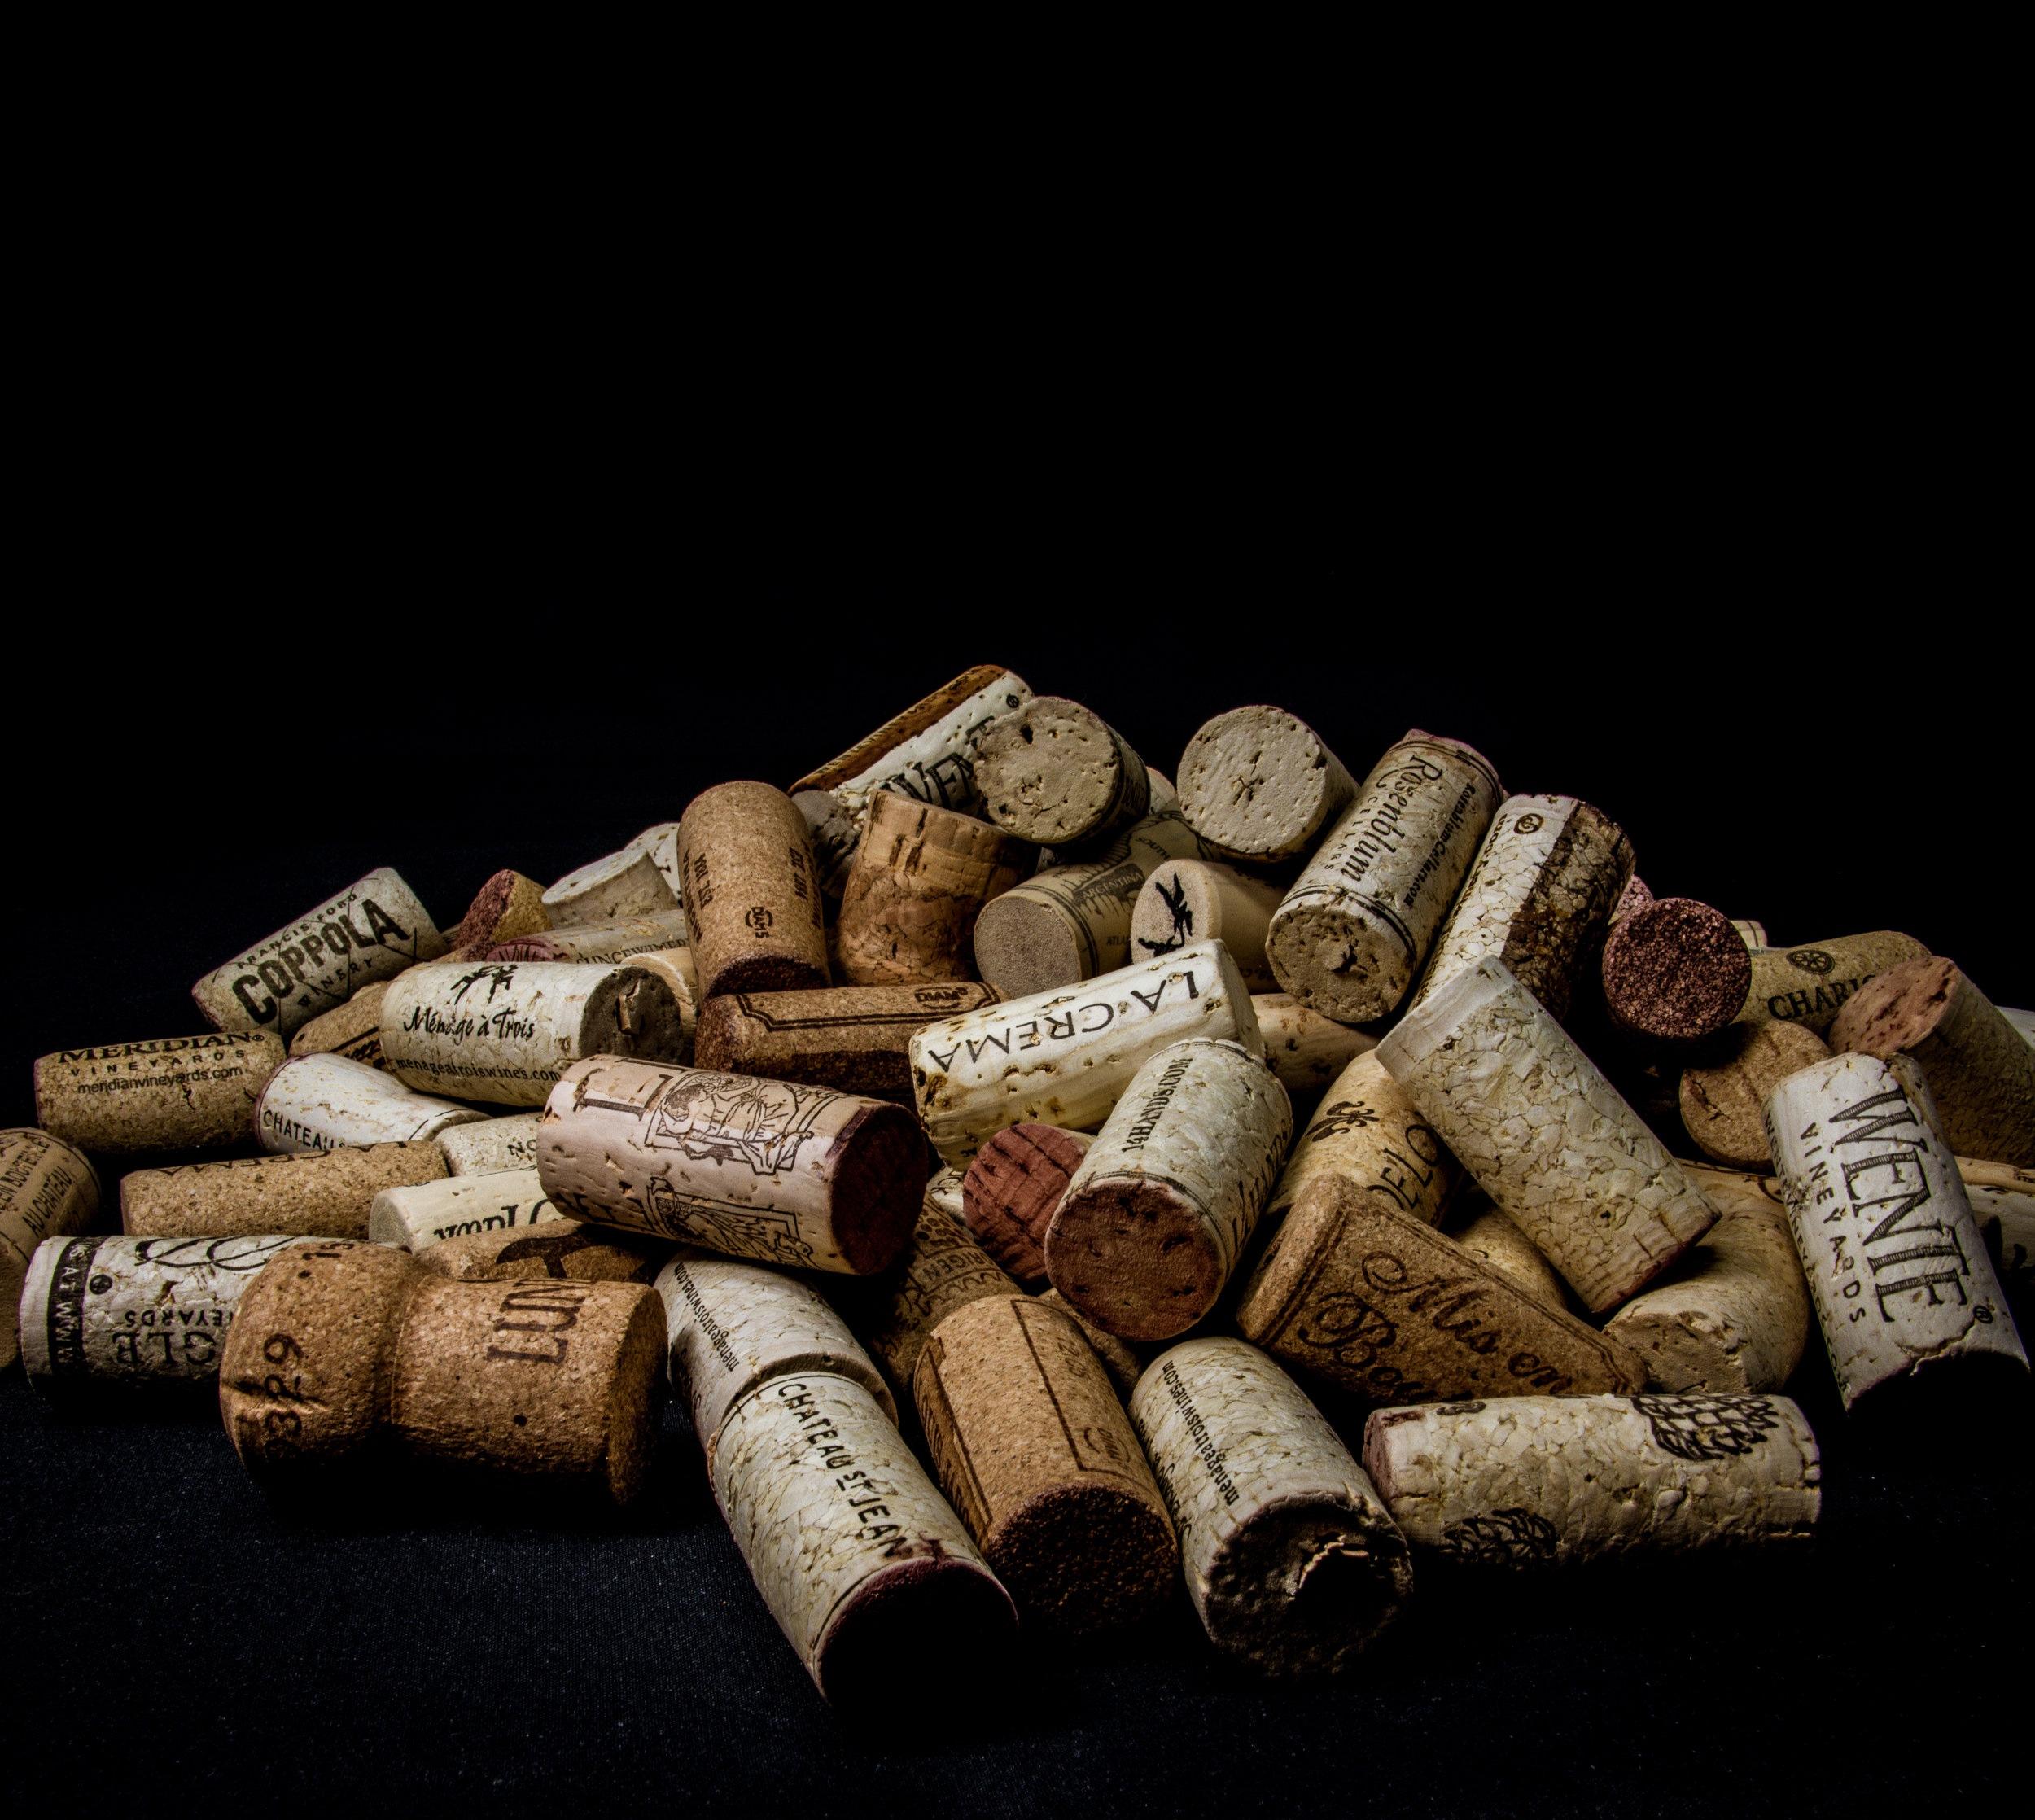 Maatwerk - Een begeleide proefavond met uw wijnclubje, een thema-avond op een personeels- of familiefeest, een wijntraining voor horecapersoneel, een wijn-spijsavond in een bepaald thema, … Cecile.wine is hét adres voor alles wat met wijn te maken heeft.Als ervaren (wijn)docent met de titels DipWSET en Register Vinoloog achter mijn naam kan ik op elk niveau en over elke wijn een interessante wijnworkshop te verzorgen. Ik stel graag op basis van uw specifieke wensen een passende wijnworkshop voor u samen.